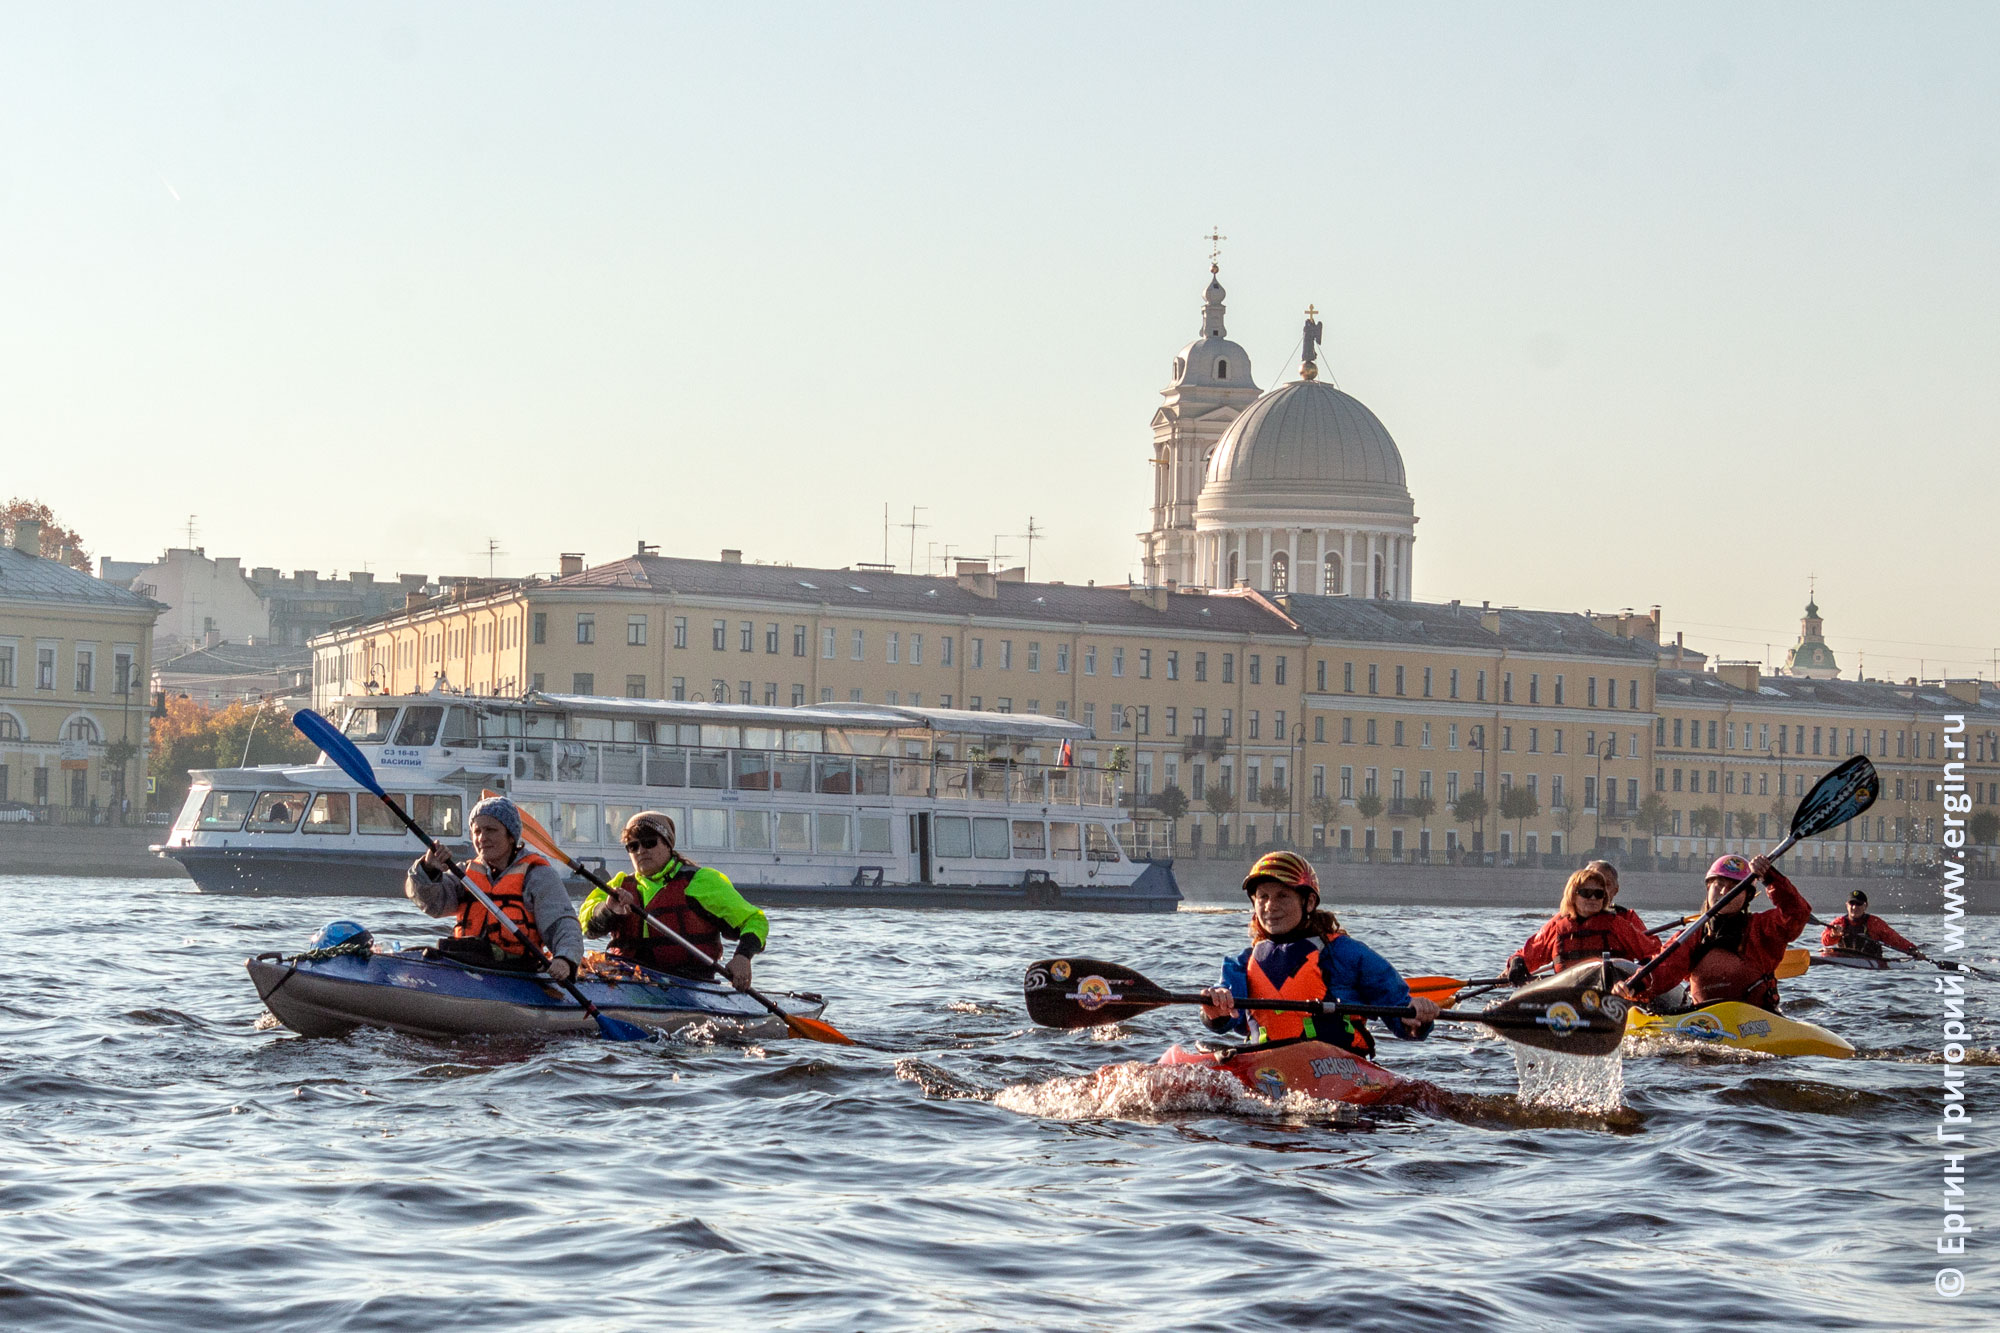 Каякеры в каяках на Неве в Санкт-Петербурге каякинг